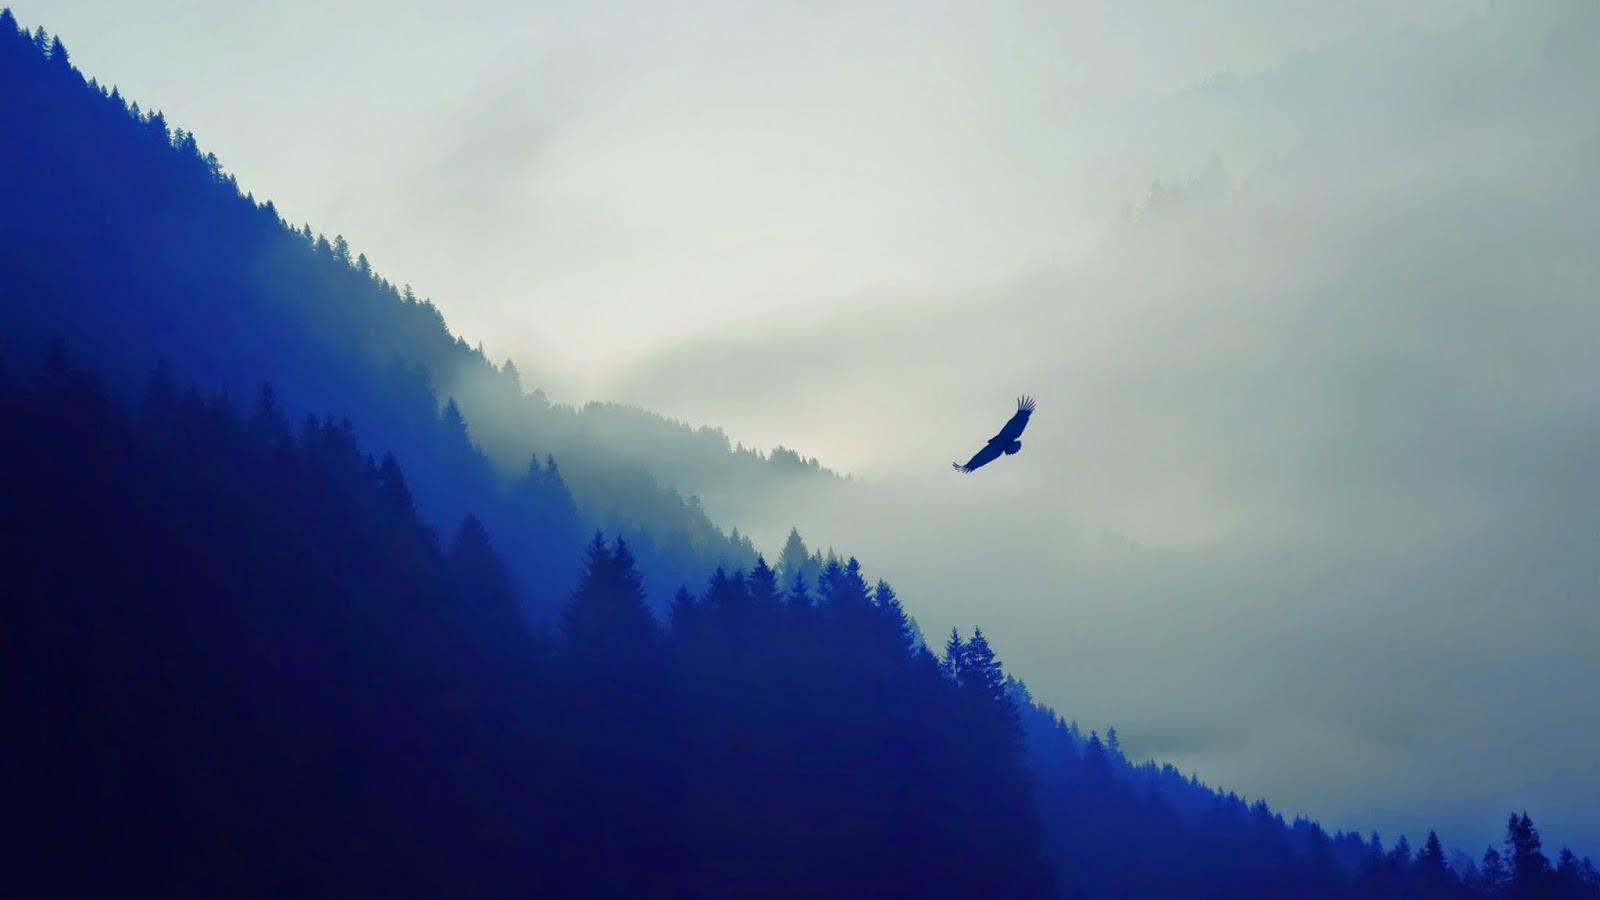 الطير في الضباب خلف الجبال hd